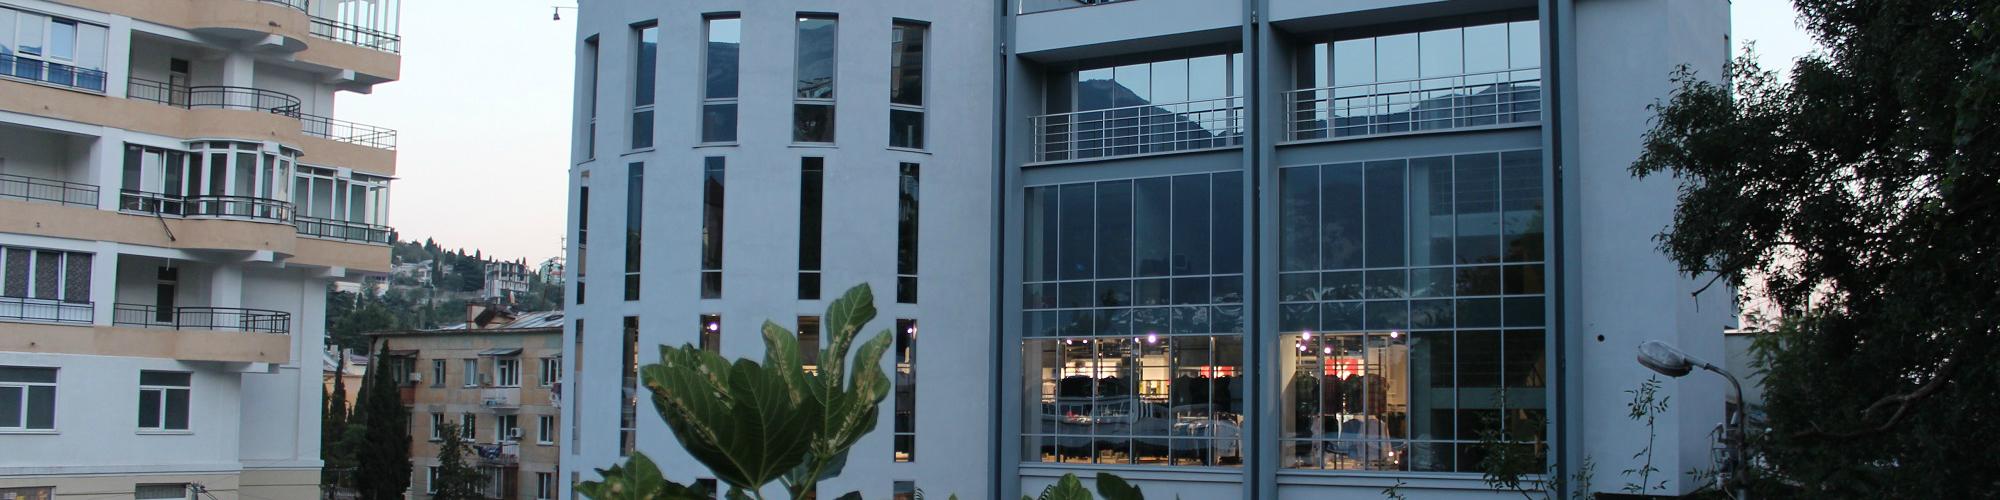 0db43148e Магазины одежды · Аренда · Новости · Контакты · Карта ТОЦ. Торгово-офисный  центр